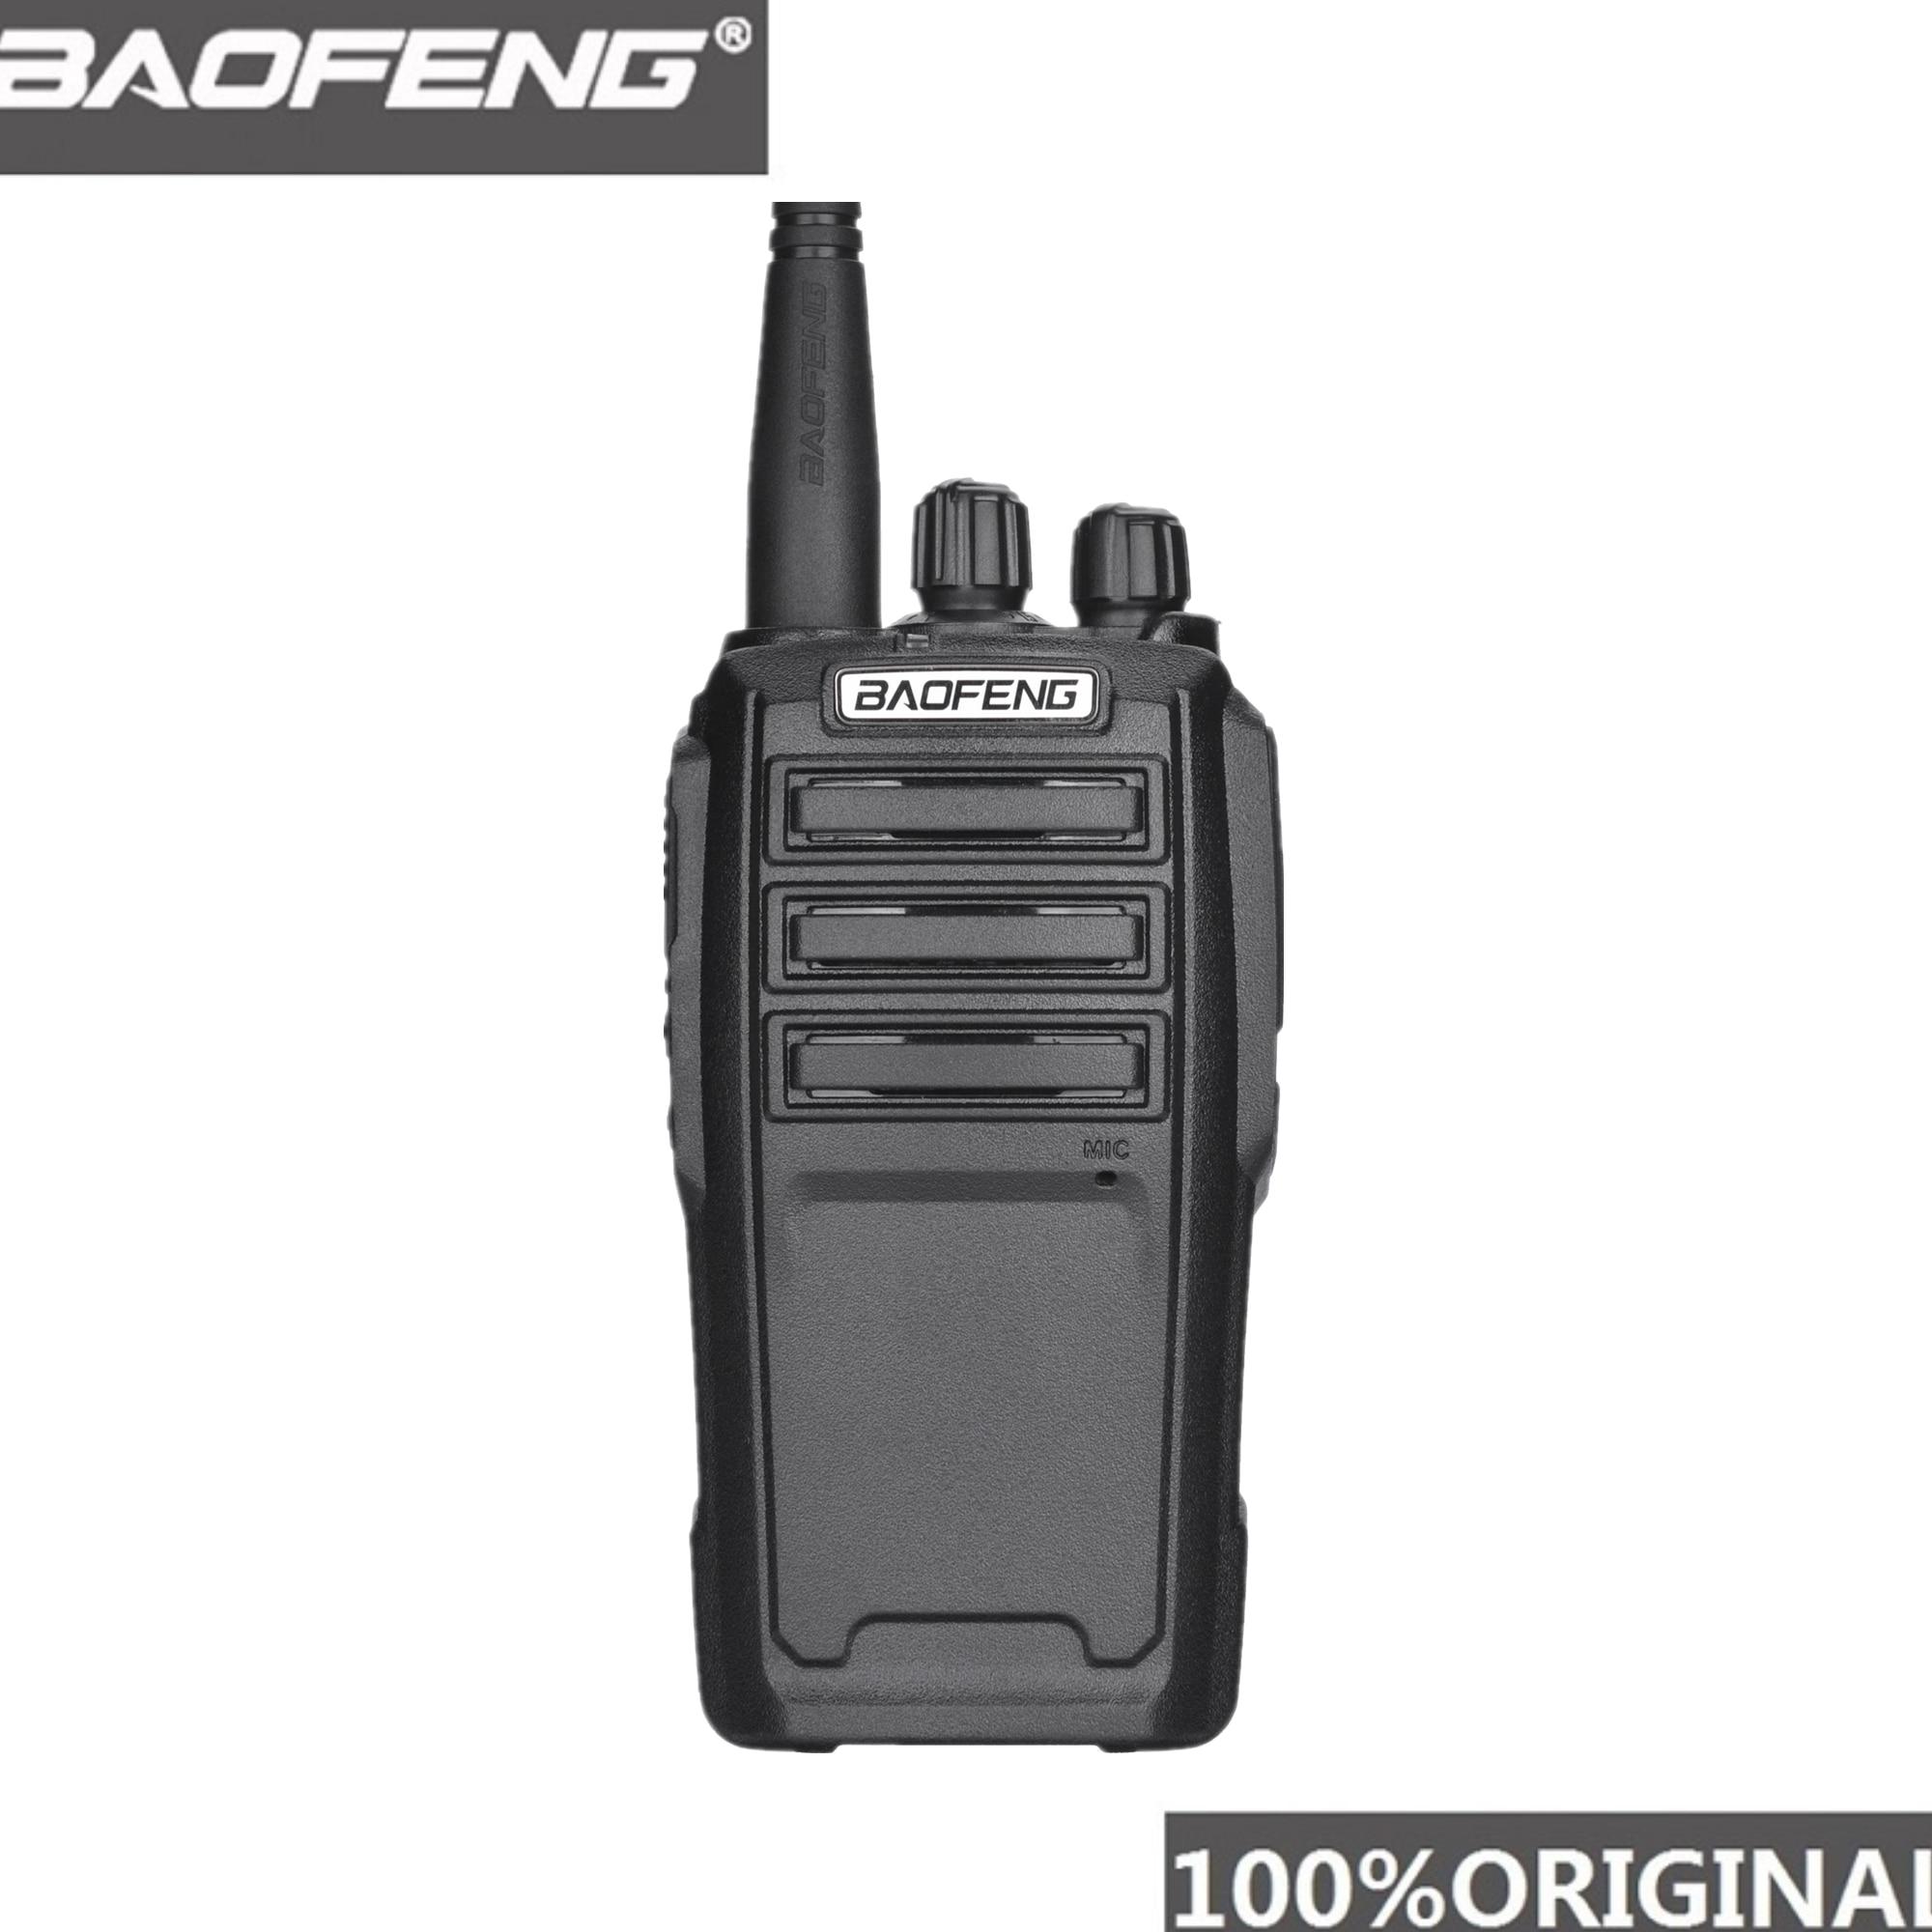 Handheld Radio Transceiver Walkie-Talkie Long-Range Baofeng Interphone UHF Dual-Band